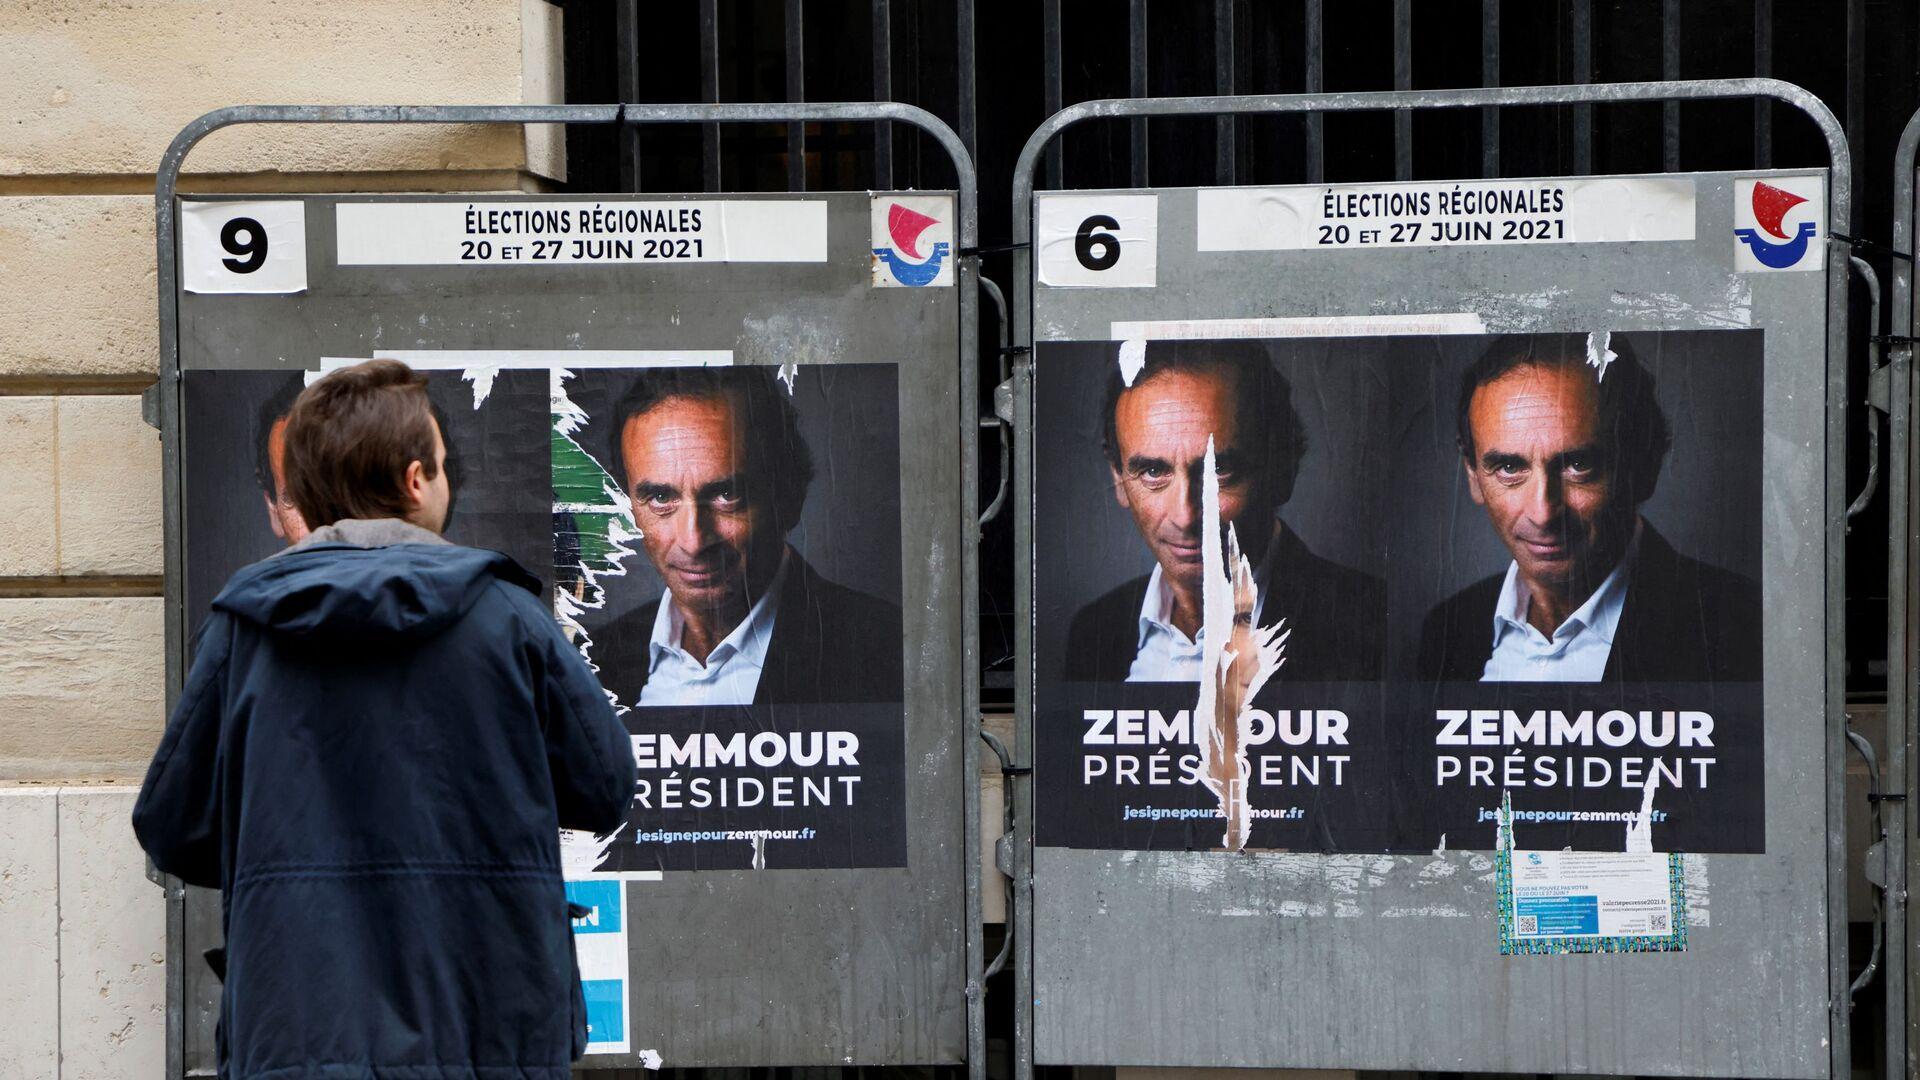 Des affiches «Zemmour président» à Paris - Sputnik France, 1920, 17.09.2021